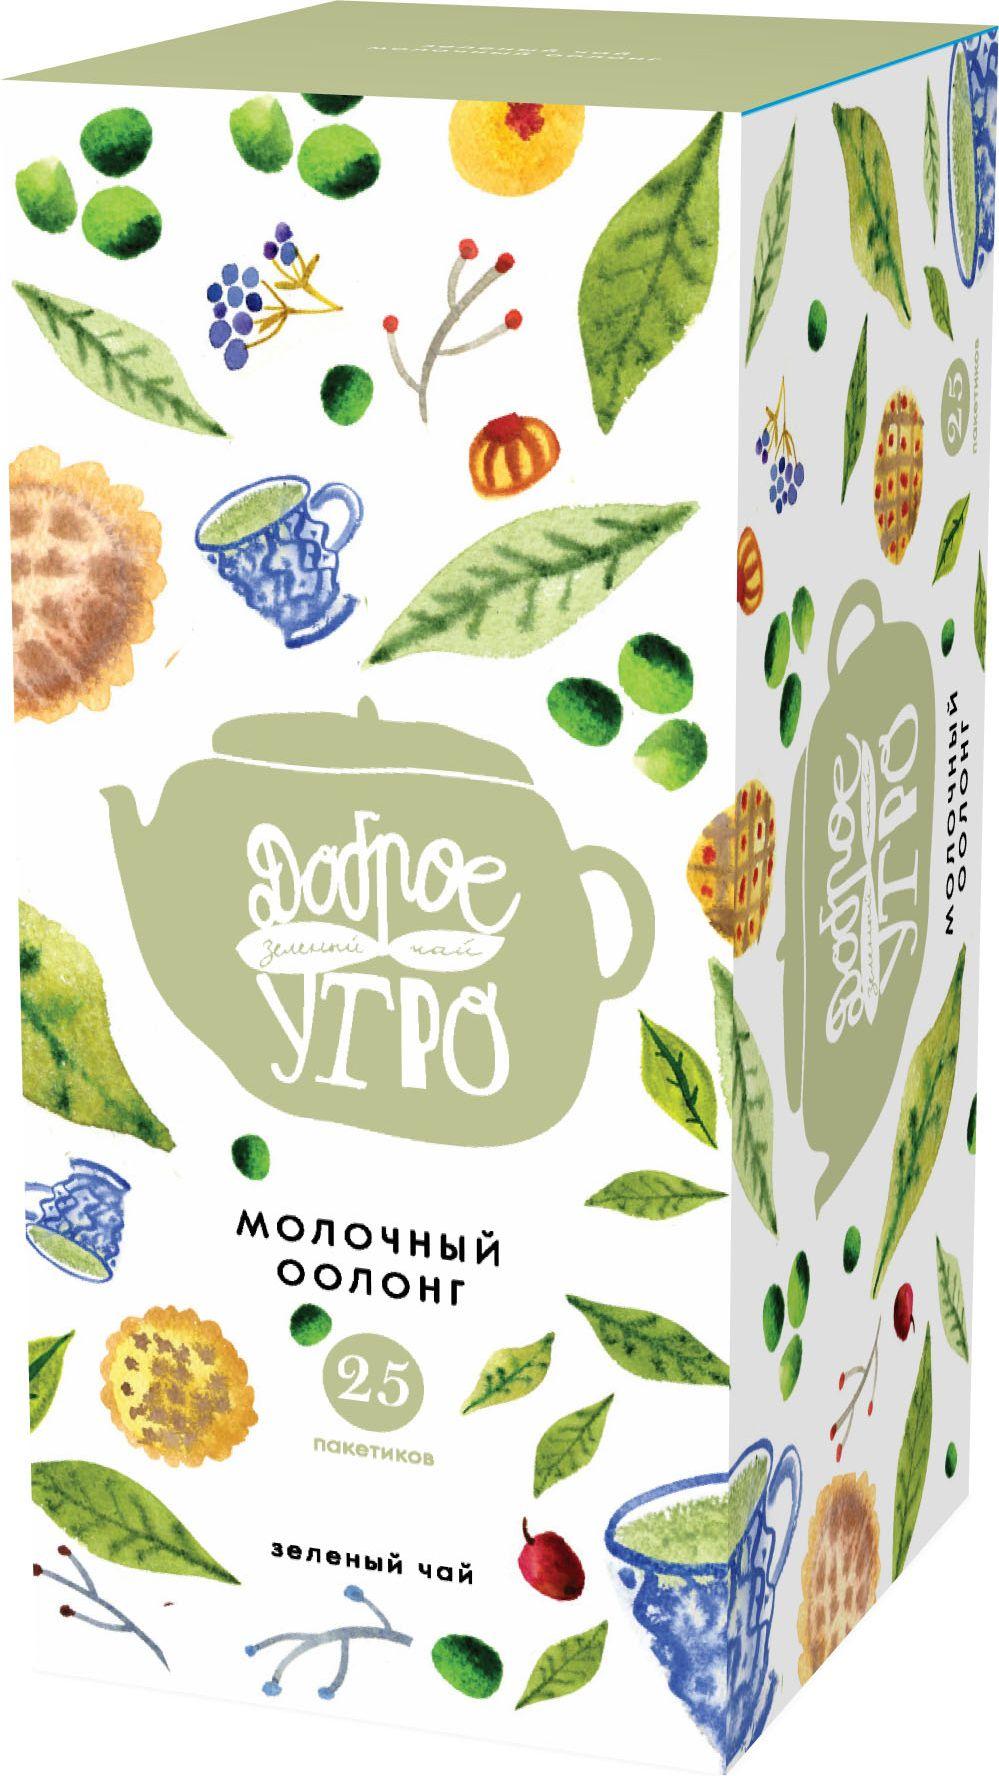 Доброе утро Молочный Оолонг зеленый чай в пакетиках, 25 шт доброе утро лесные ягоды зеленый чай в пакетиках 25 шт